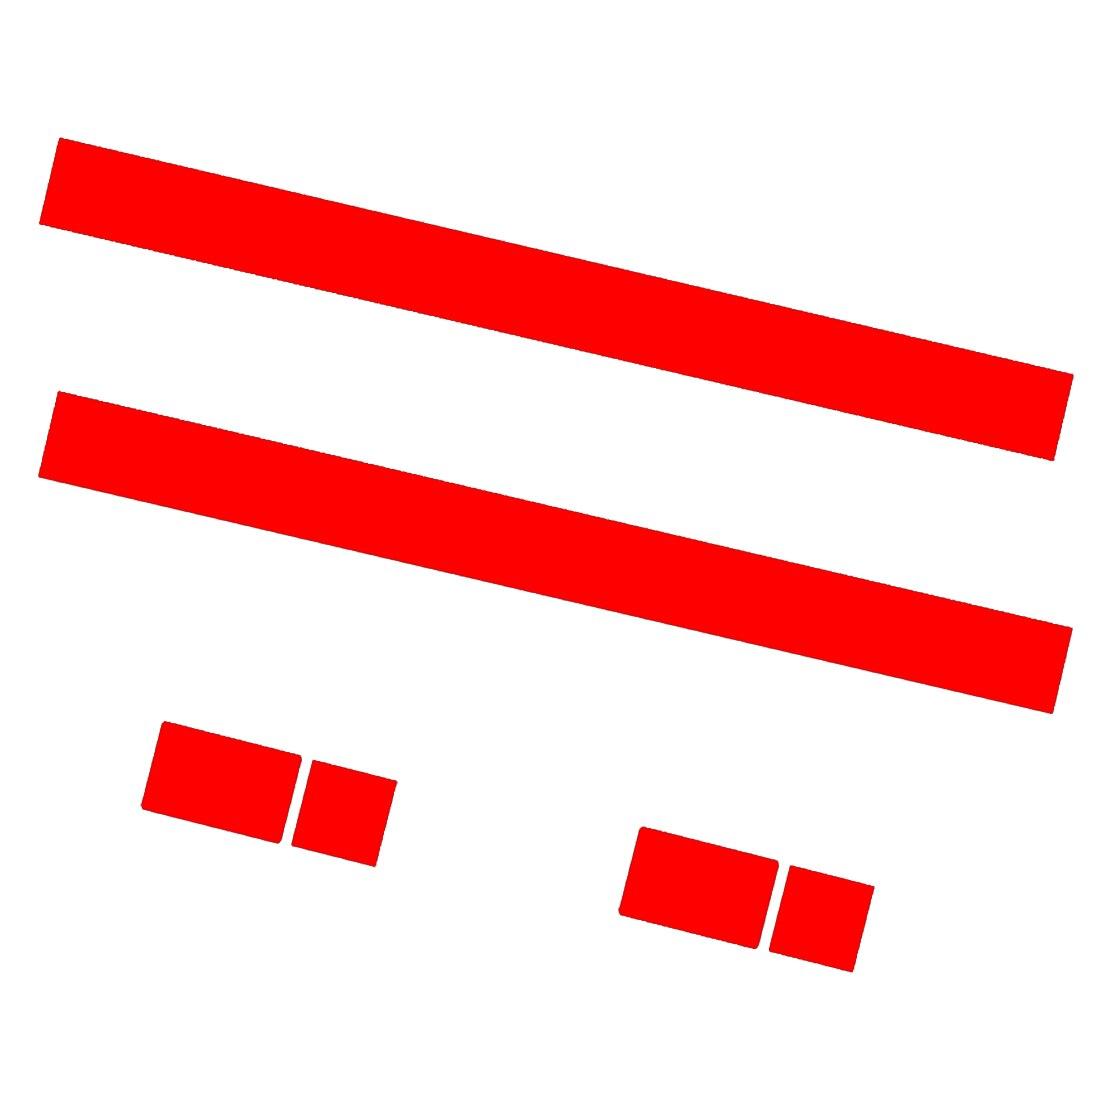 CITALL 2 шт. Автомобильный капот в полоску капот наклейка крышка виниловая наклейка подходит для MINI Cooper R50 R53 R56 R55 dWm2754536 черный/белый/красный - Название цвета: red